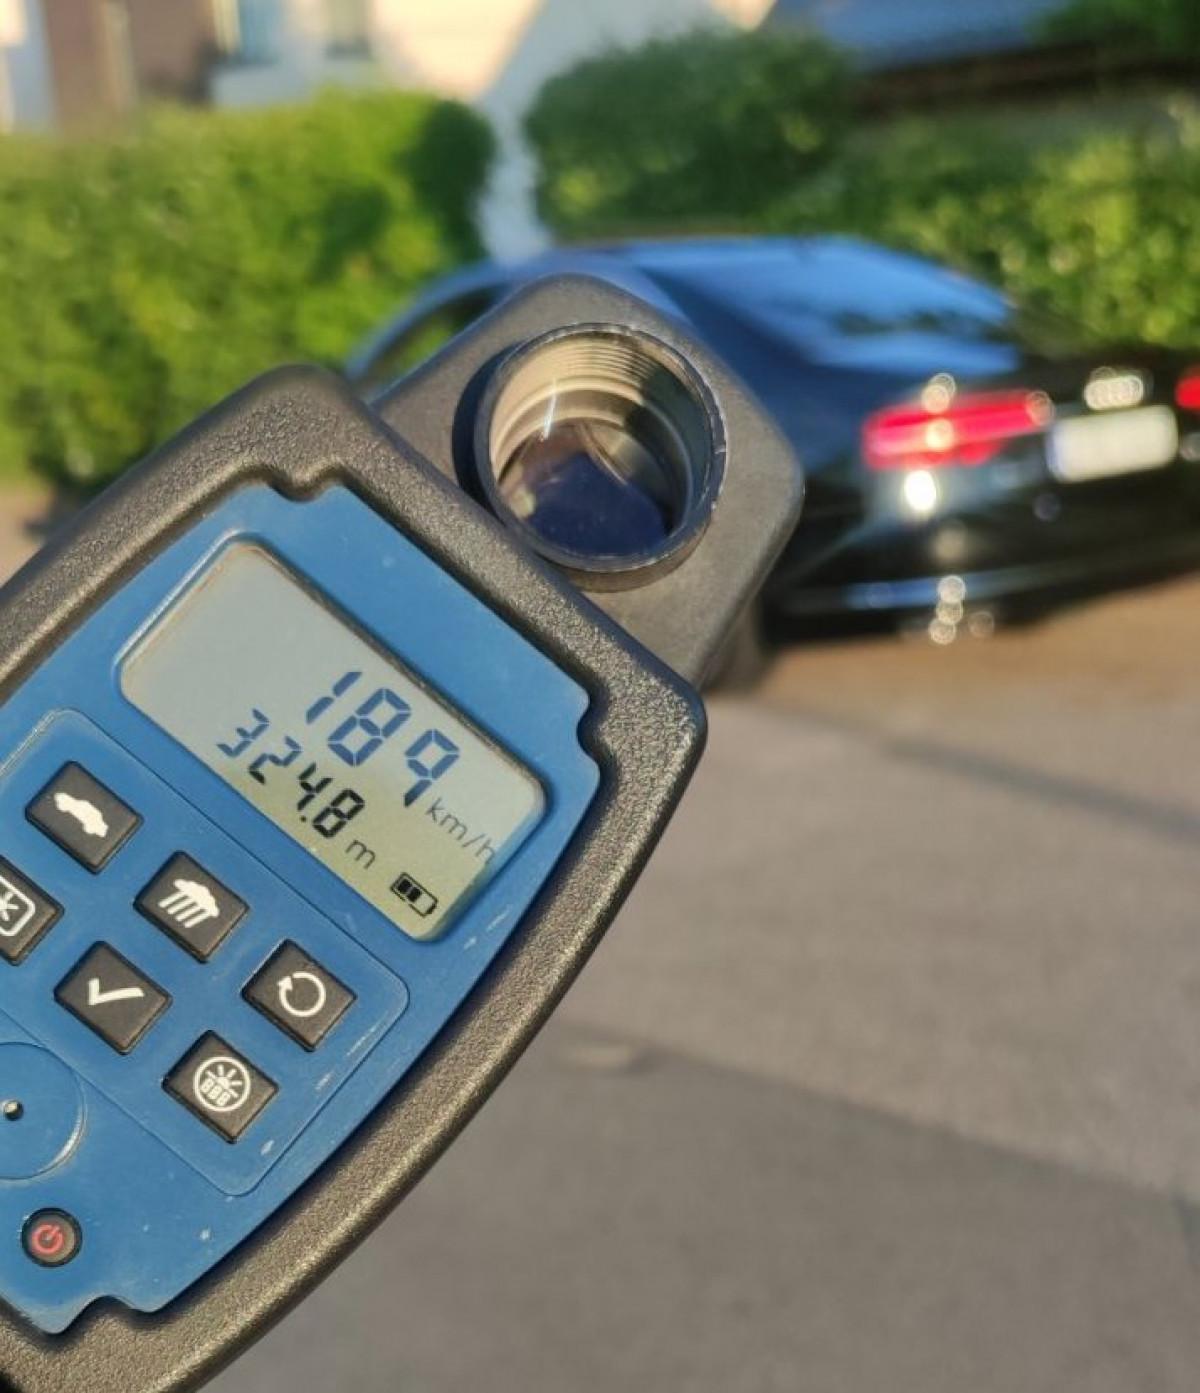 Klaipėdos pareigūnai sulaikė 189 km/h mieste skriejusį Audi A8 vairuotoją